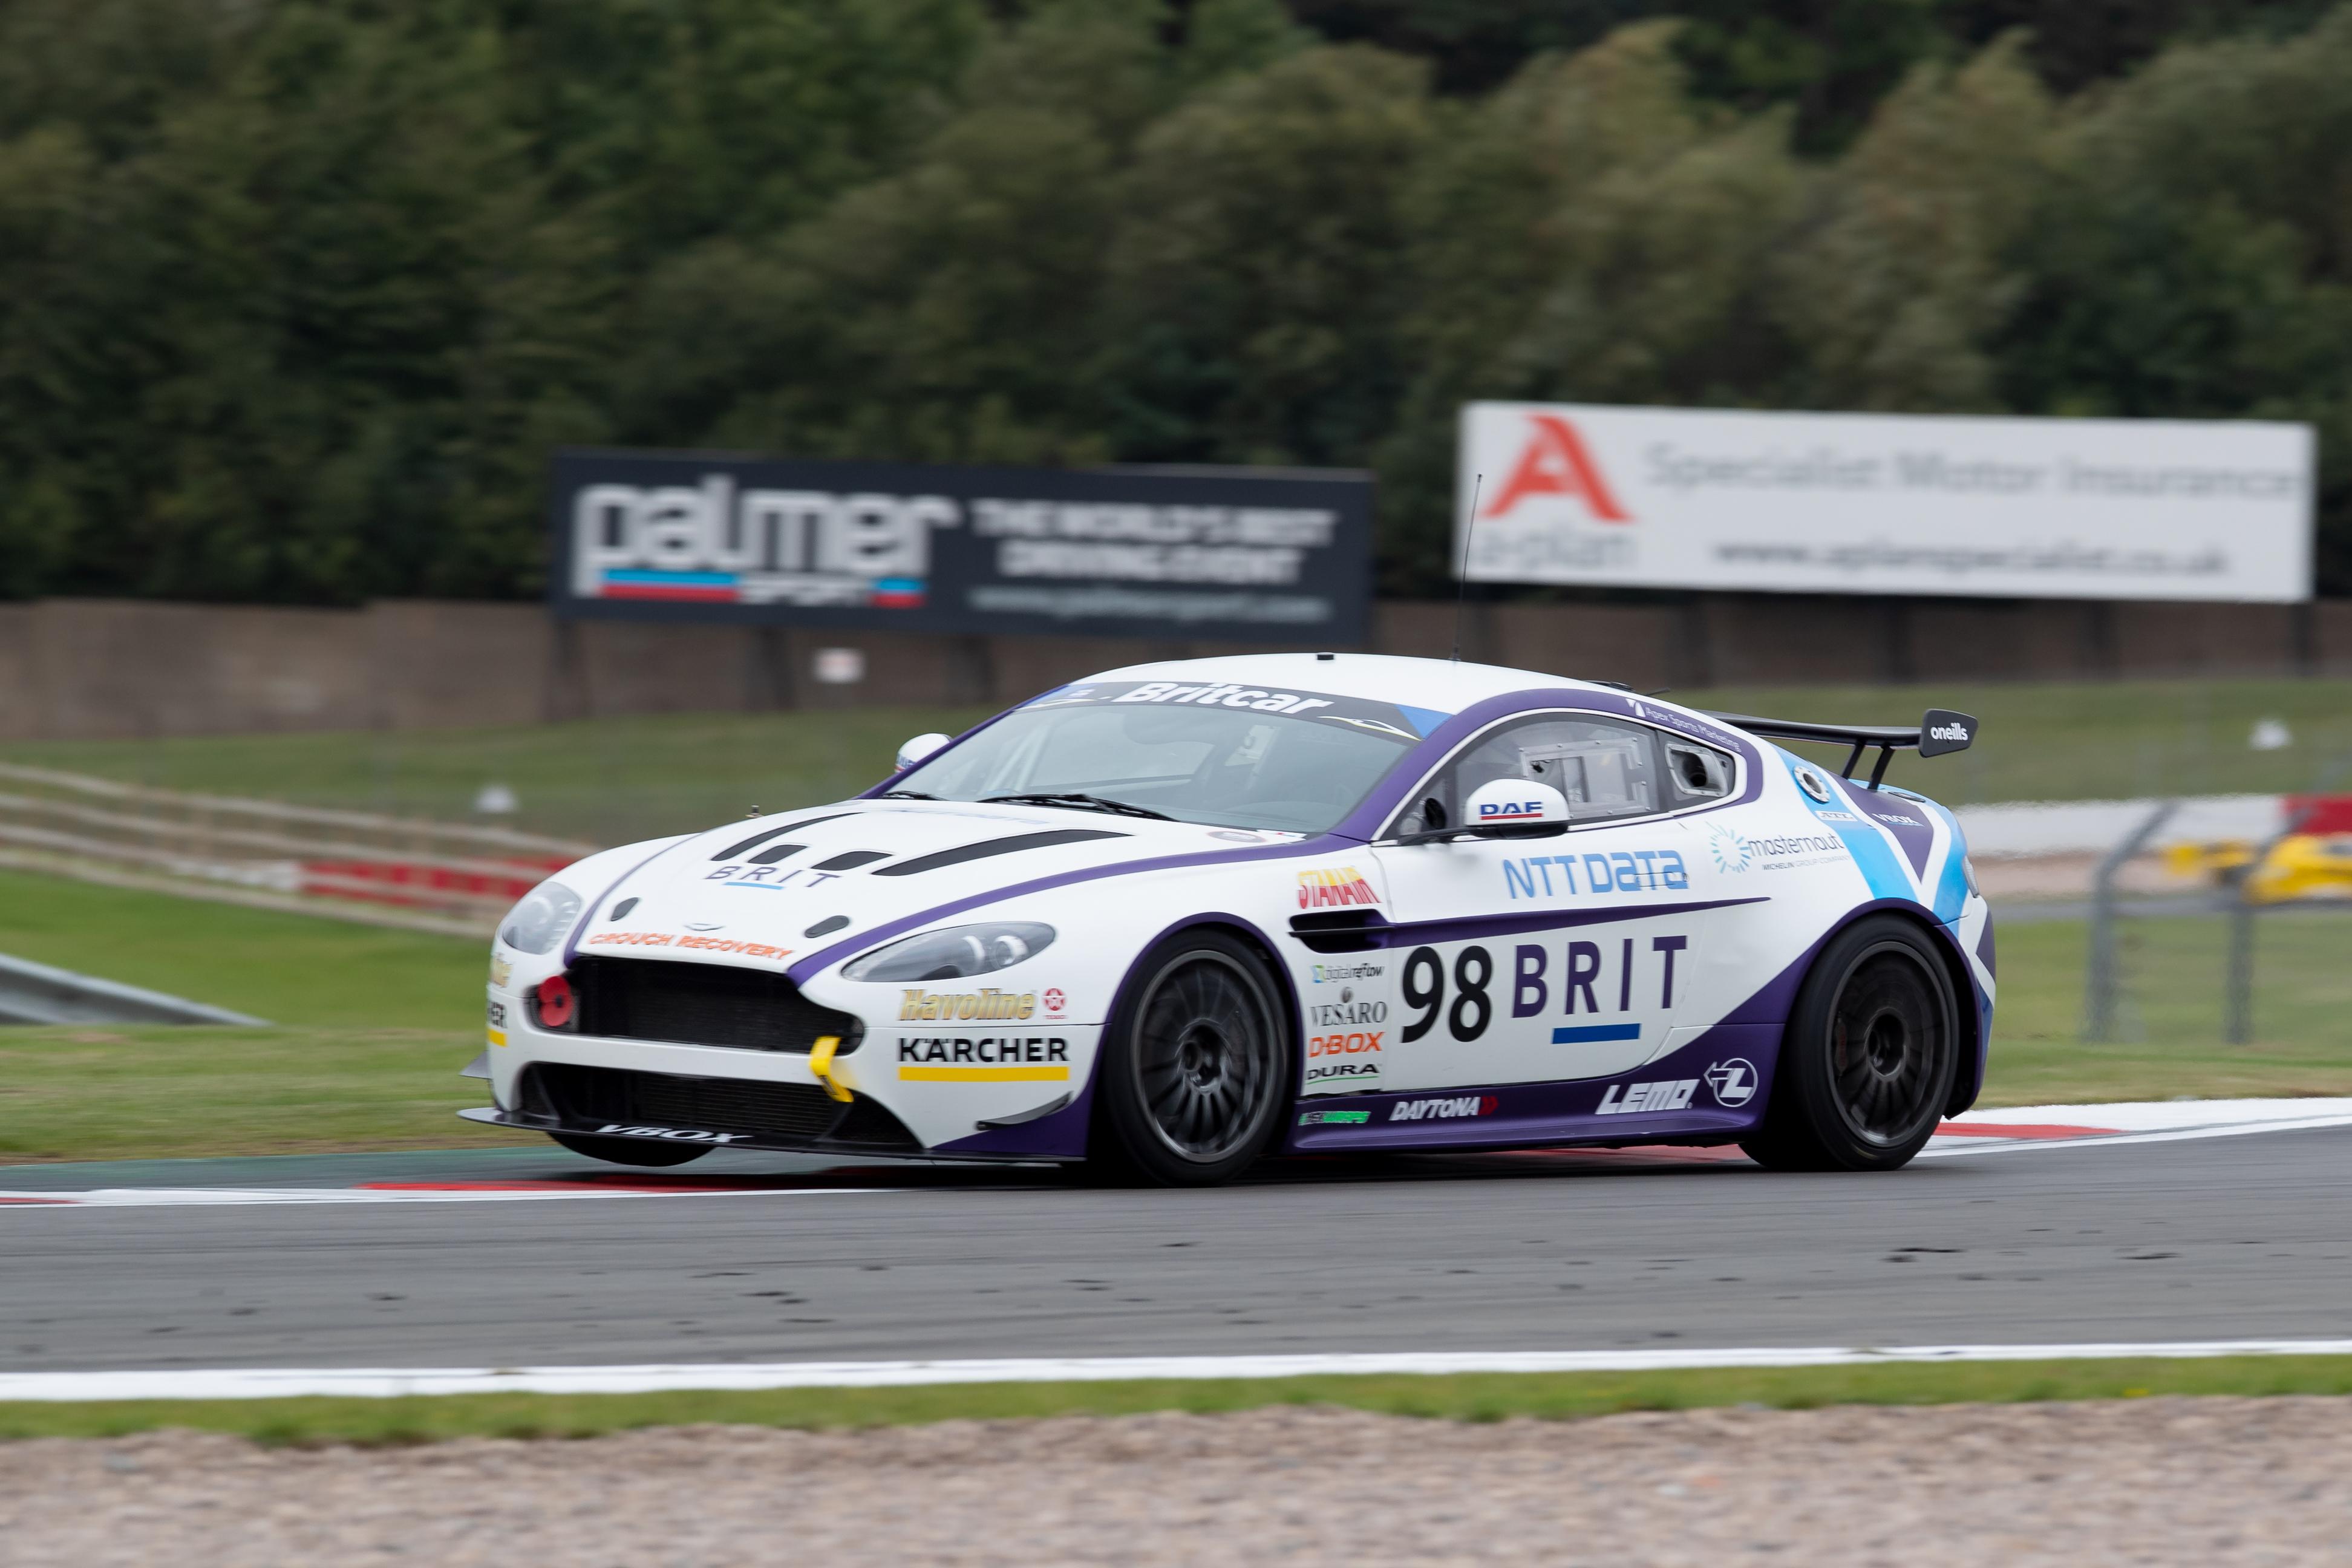 1088Team BRIT Aston Martin Vantage